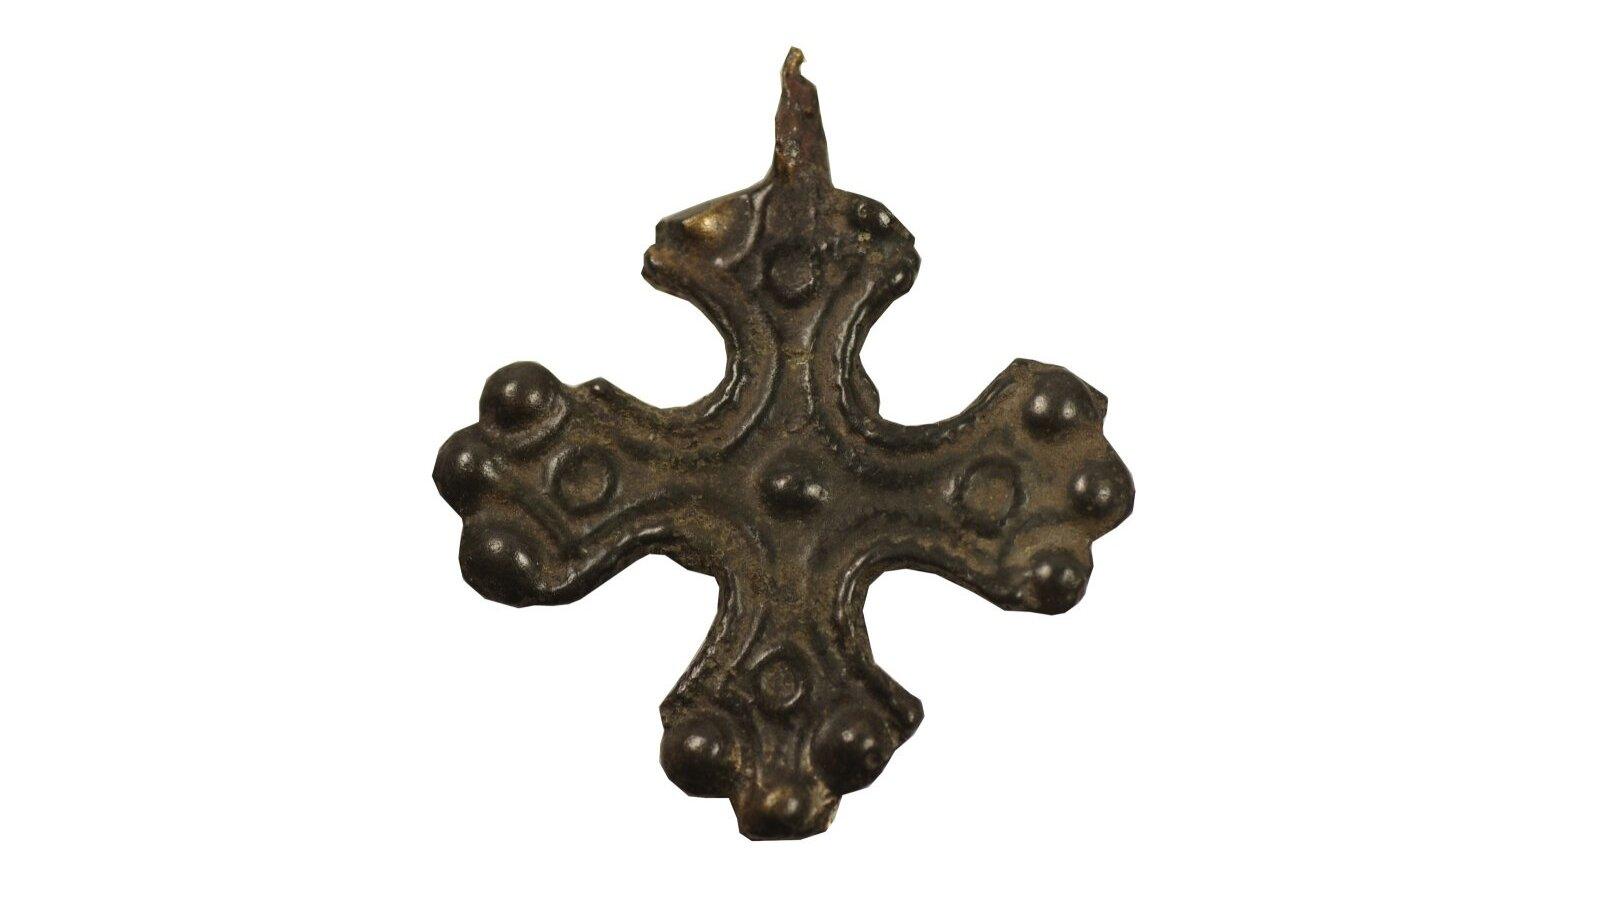 Üks Varbola linnuselt leitud ristiripatsitest (AI 4783: 776).